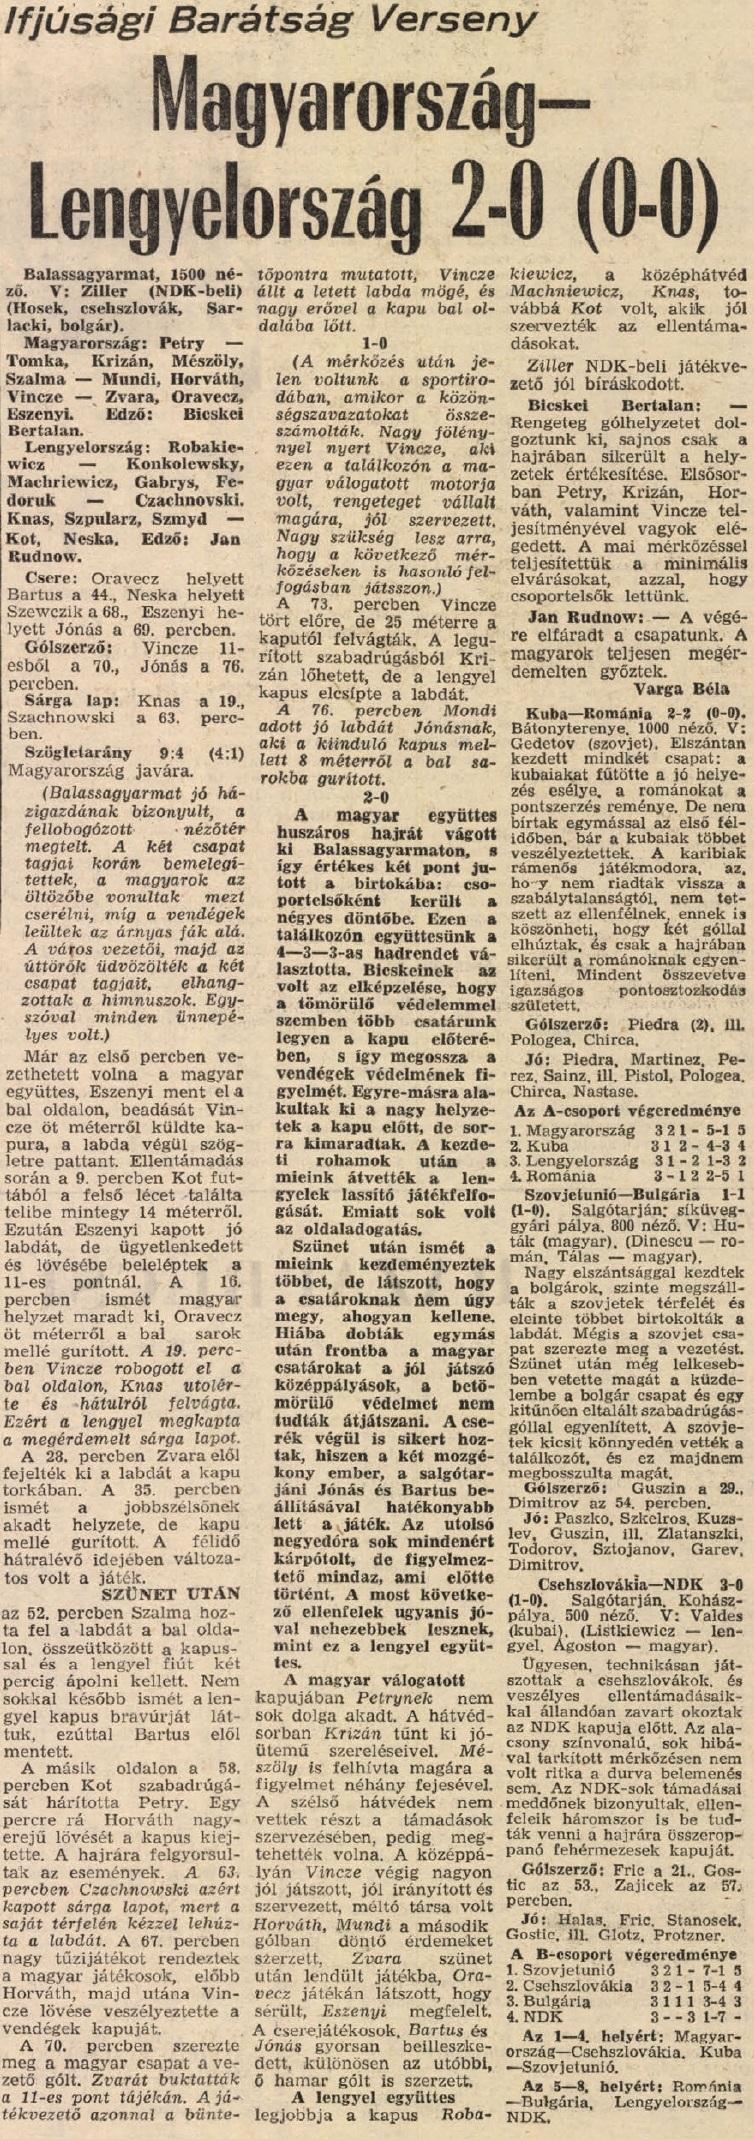 idokapszula_nb_i_1983_84_tavaszi_zaras_merlegen_az_alsohaz_ibv_magyarorszag_lengyelorszag.jpg